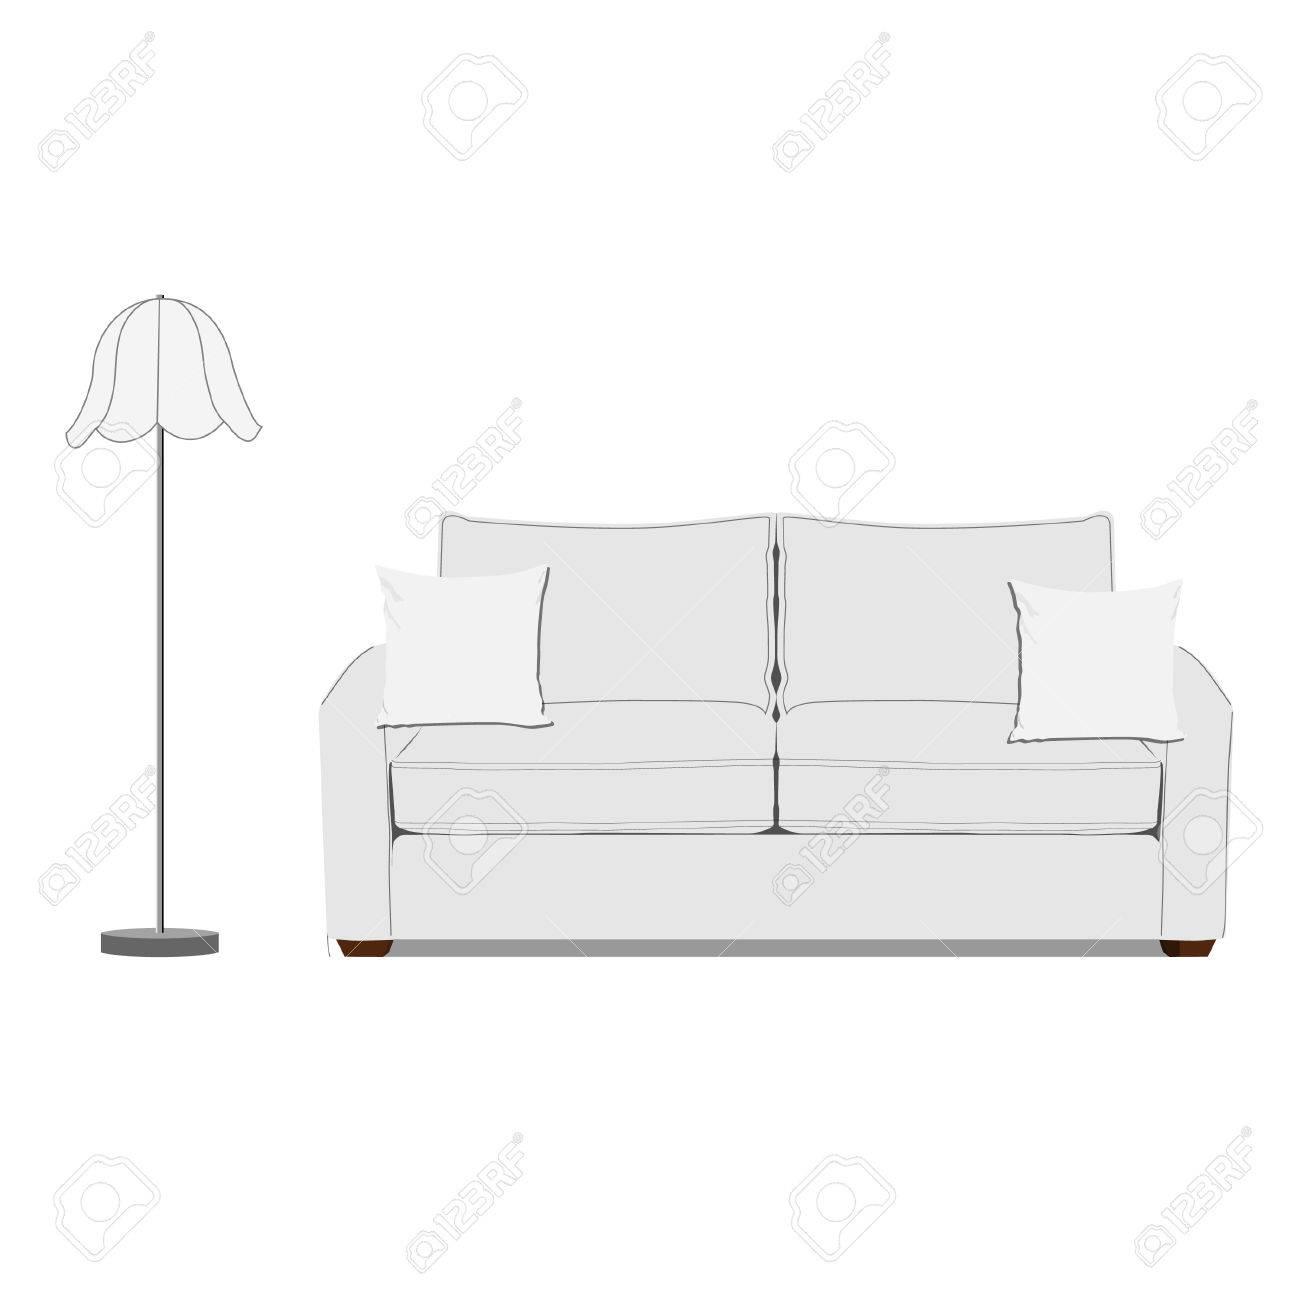 Vektor Illustration Der Weissen Sofa Mit Zwei Kissen Und Weiss Die